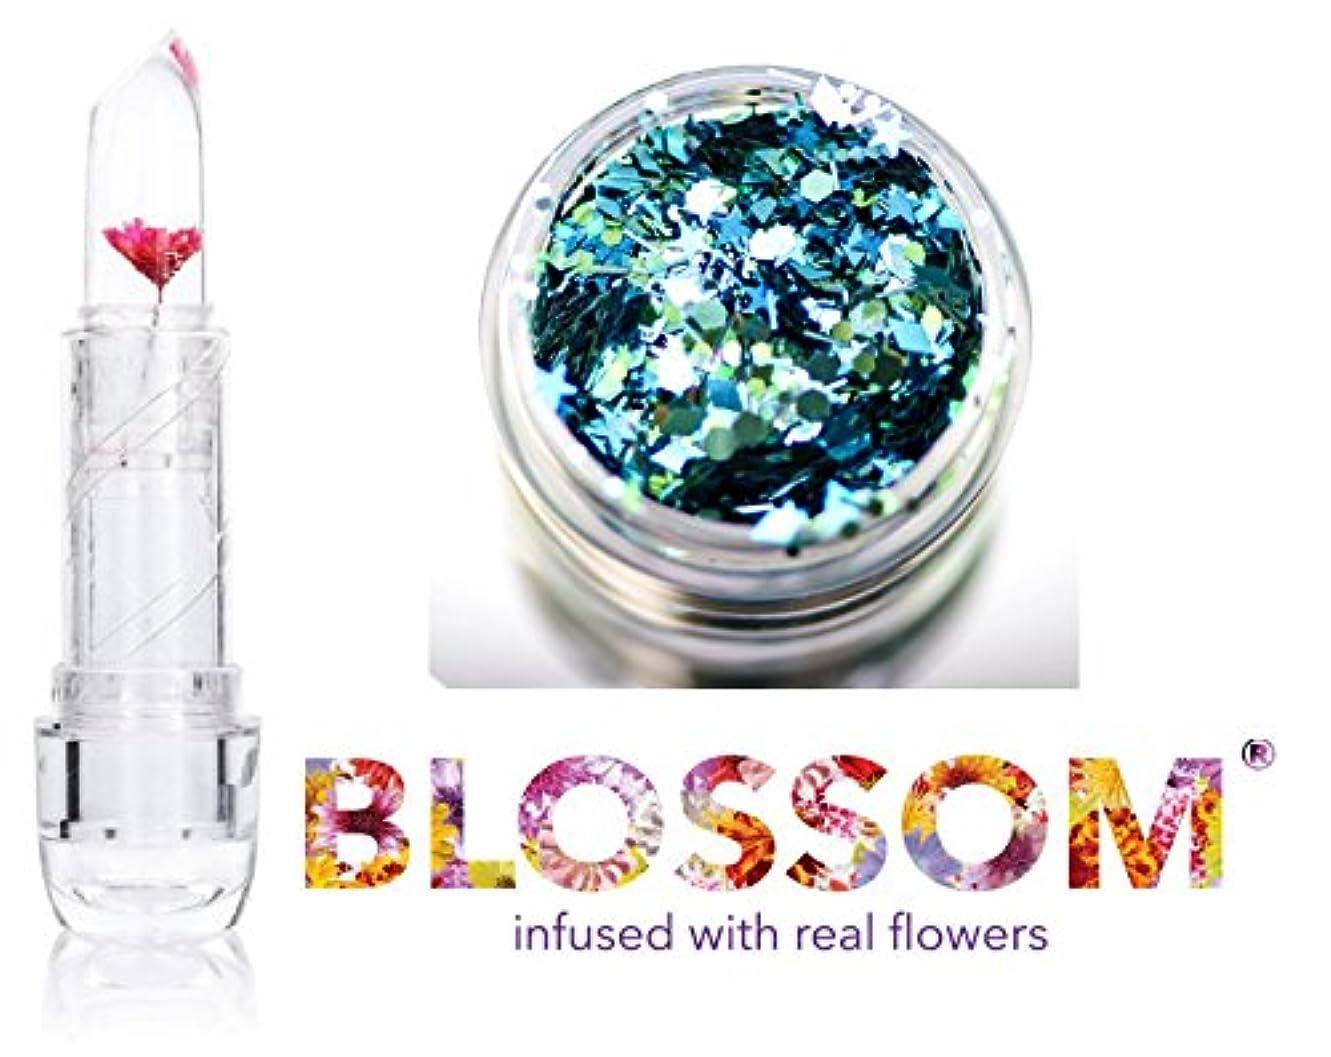 反響する満足繊維Blossom (ボーナススキン/ヘアーグリッター付き)実花を注入されたクリスタルリップバーム、(赤い花)